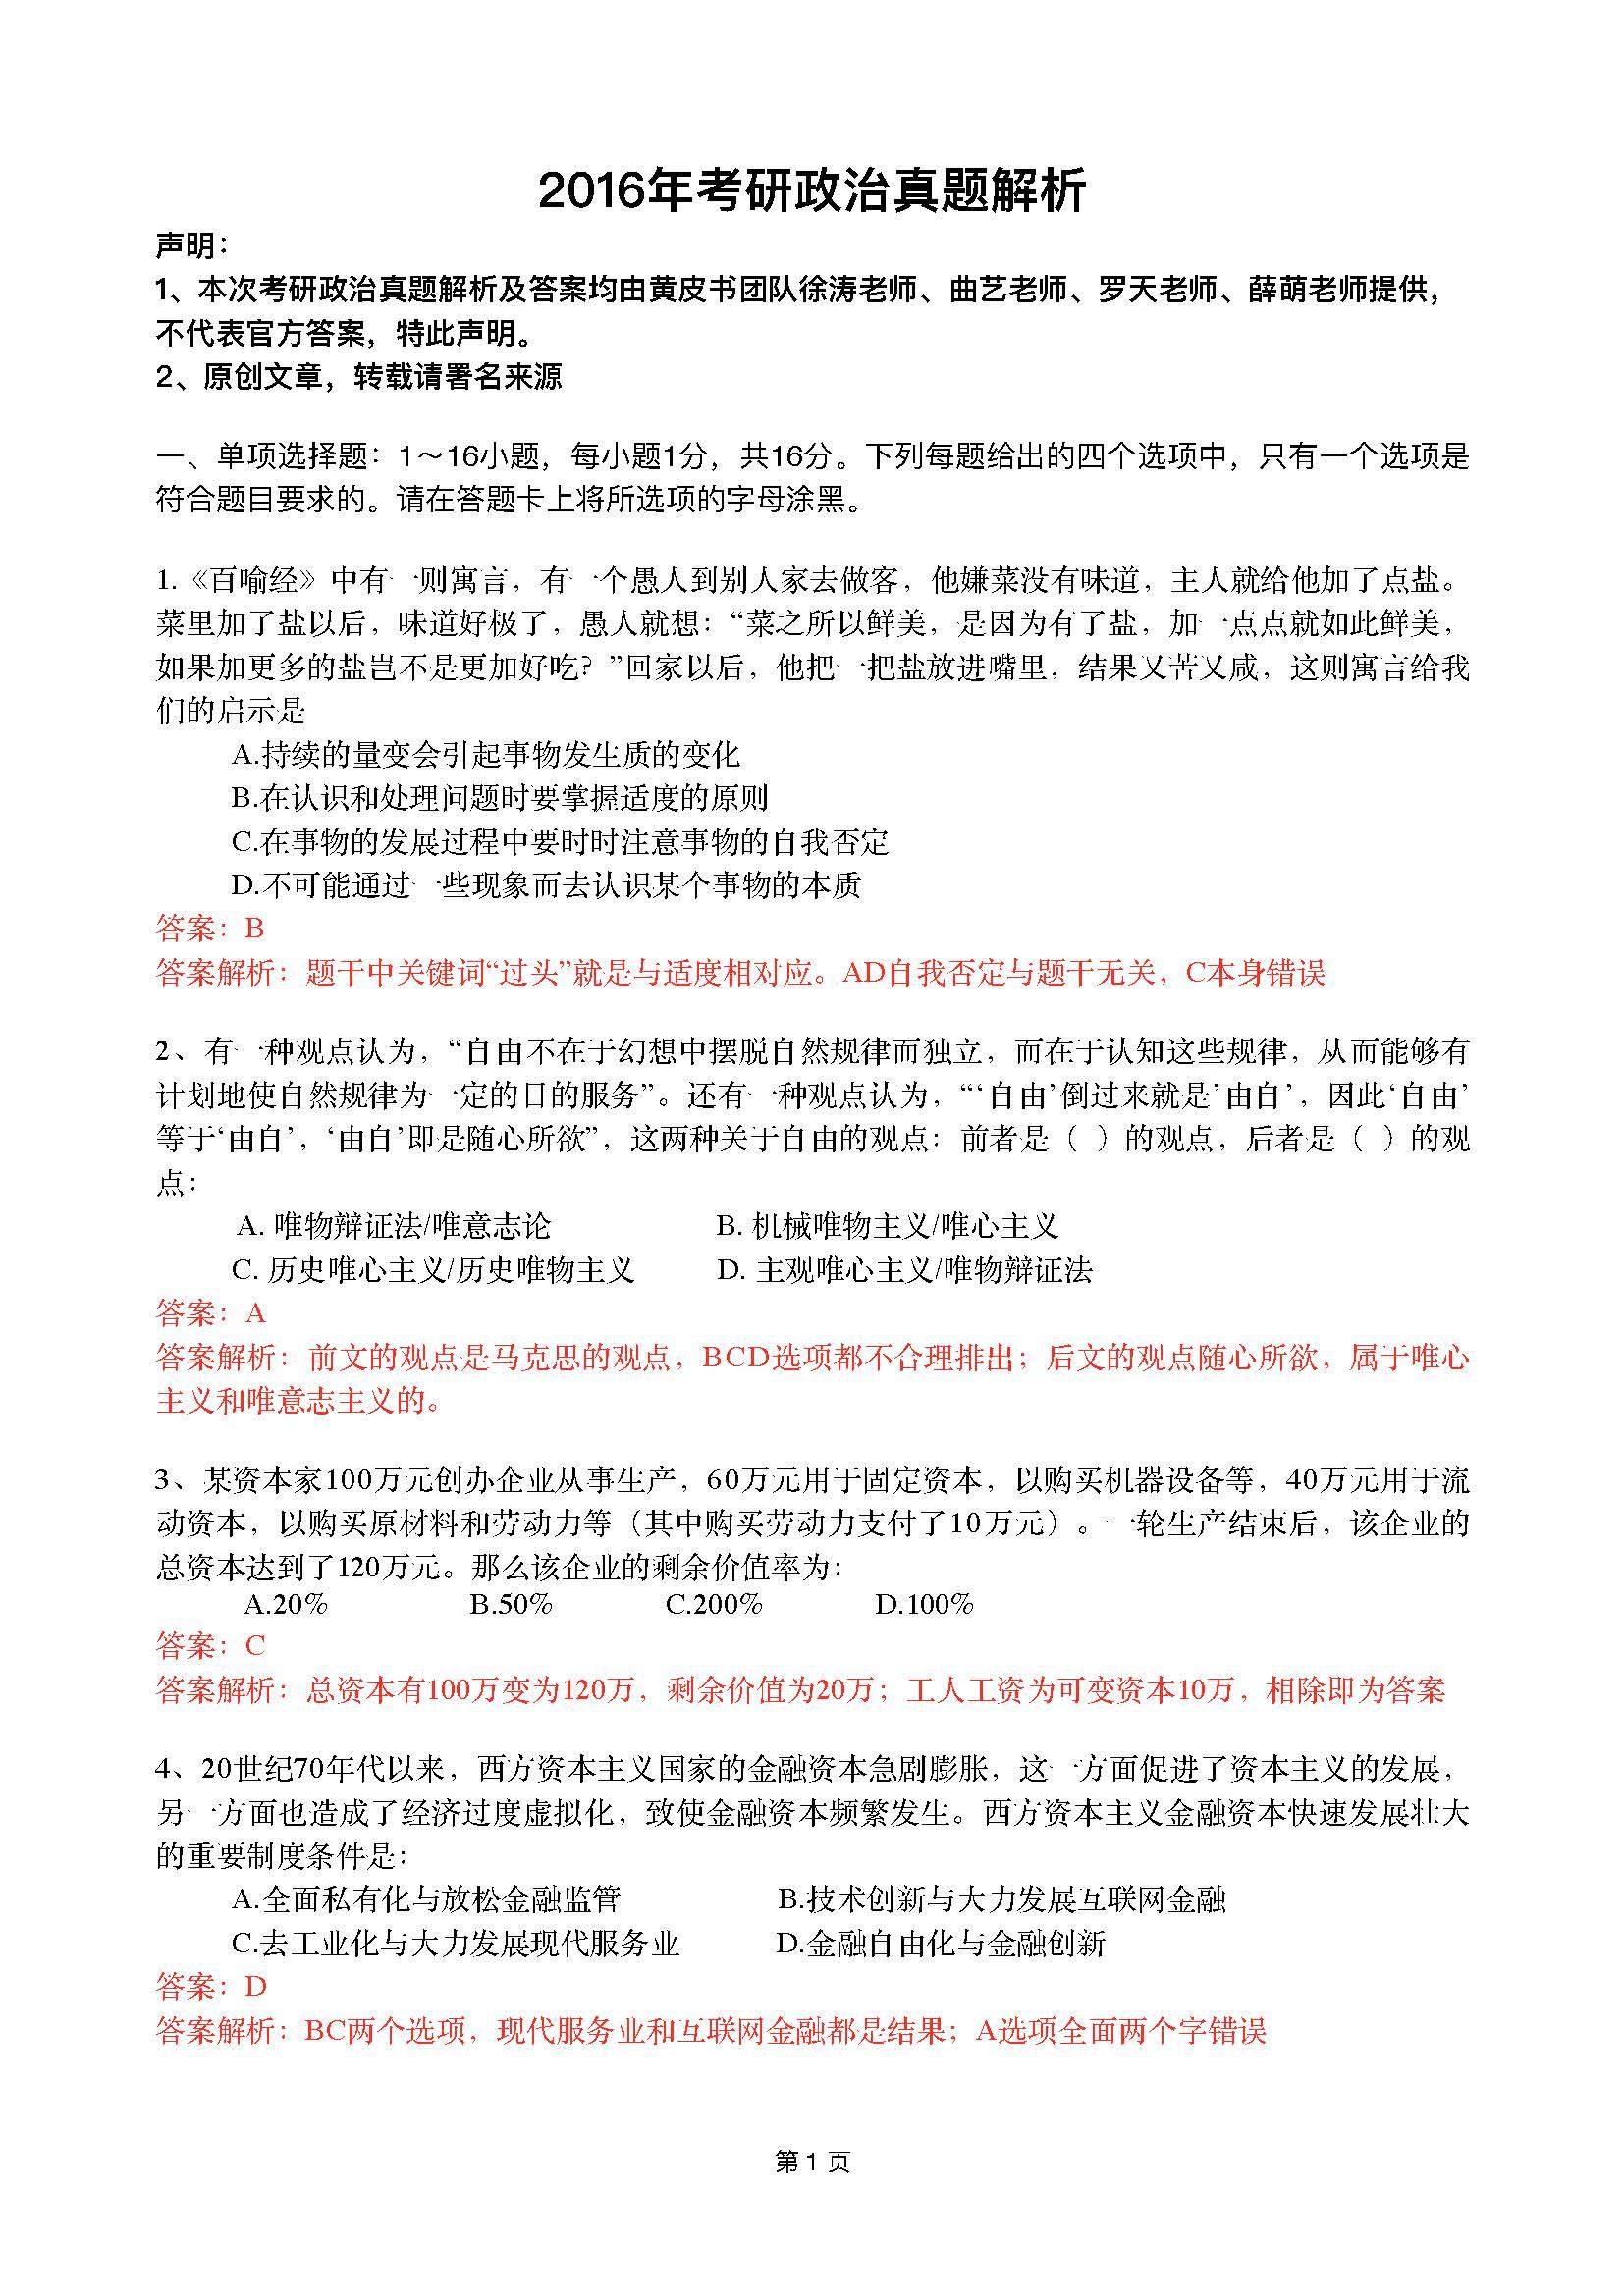 2016考研政治真题及答案解析(广州新东方)